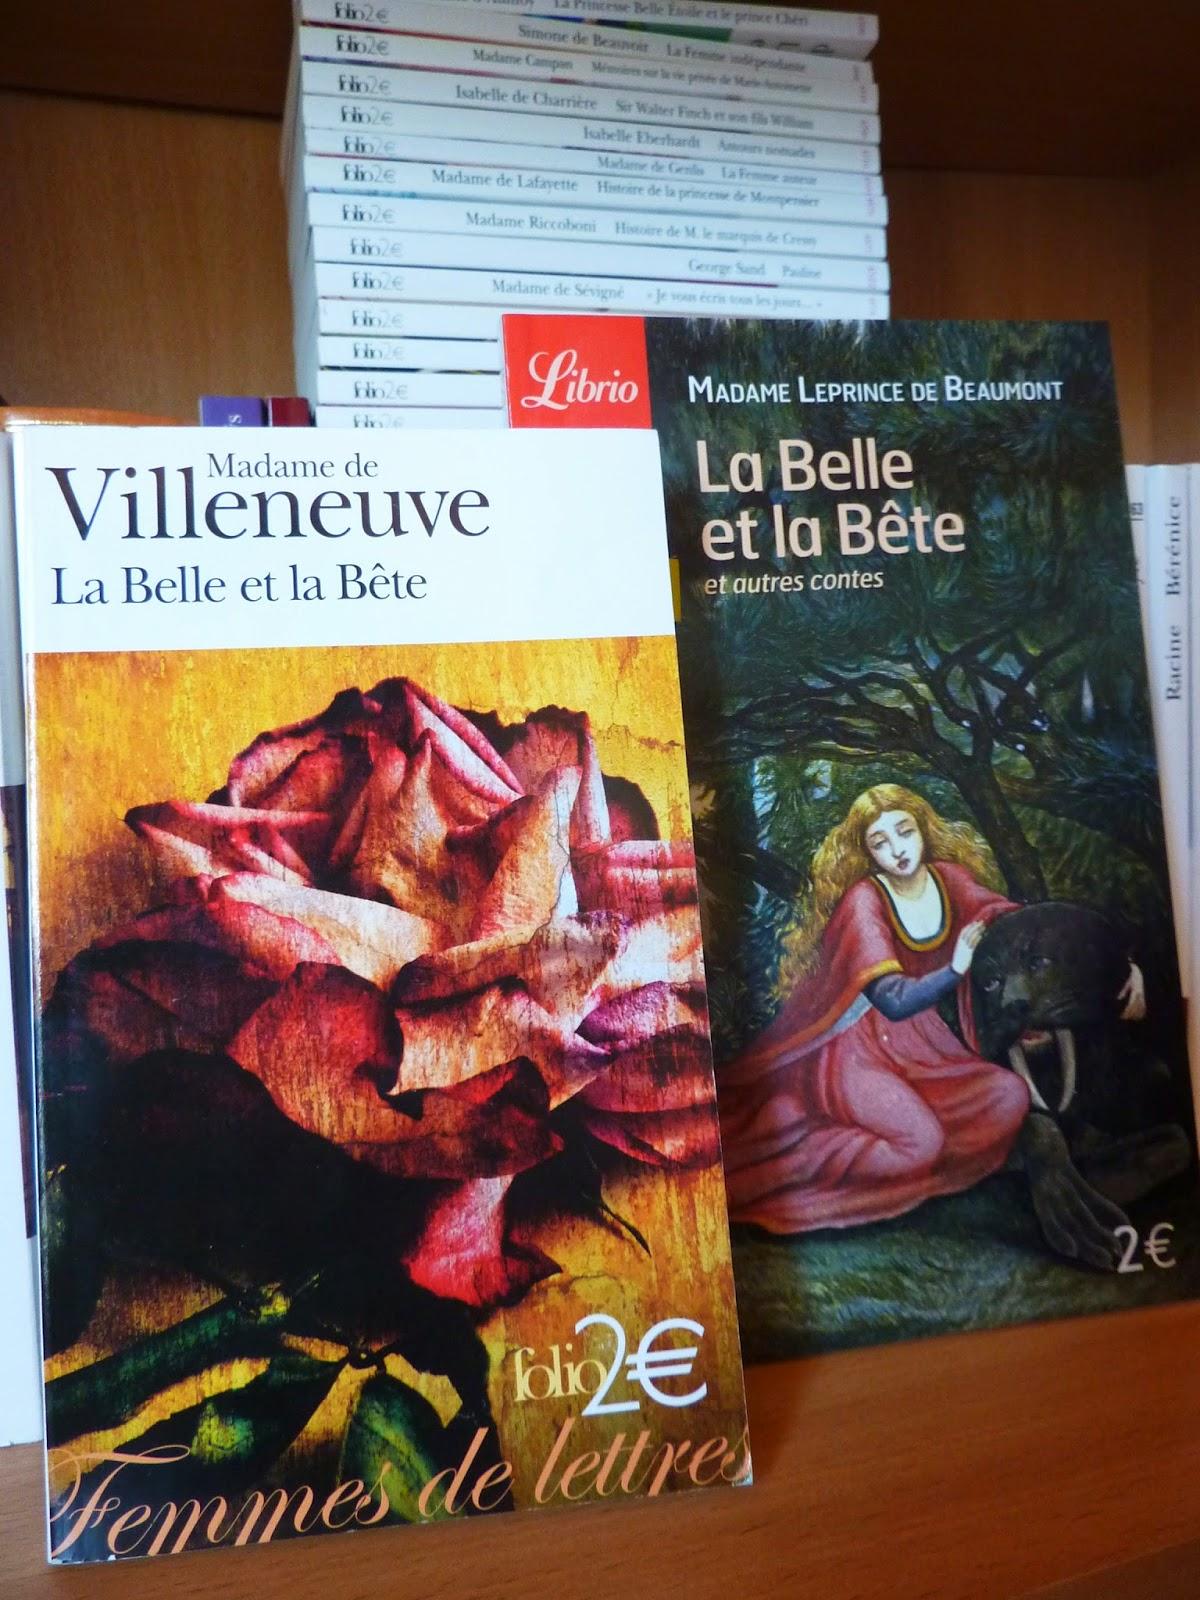 La Belle et la Bête - Mesdames de Villeneuve et Leprince de Beaumont